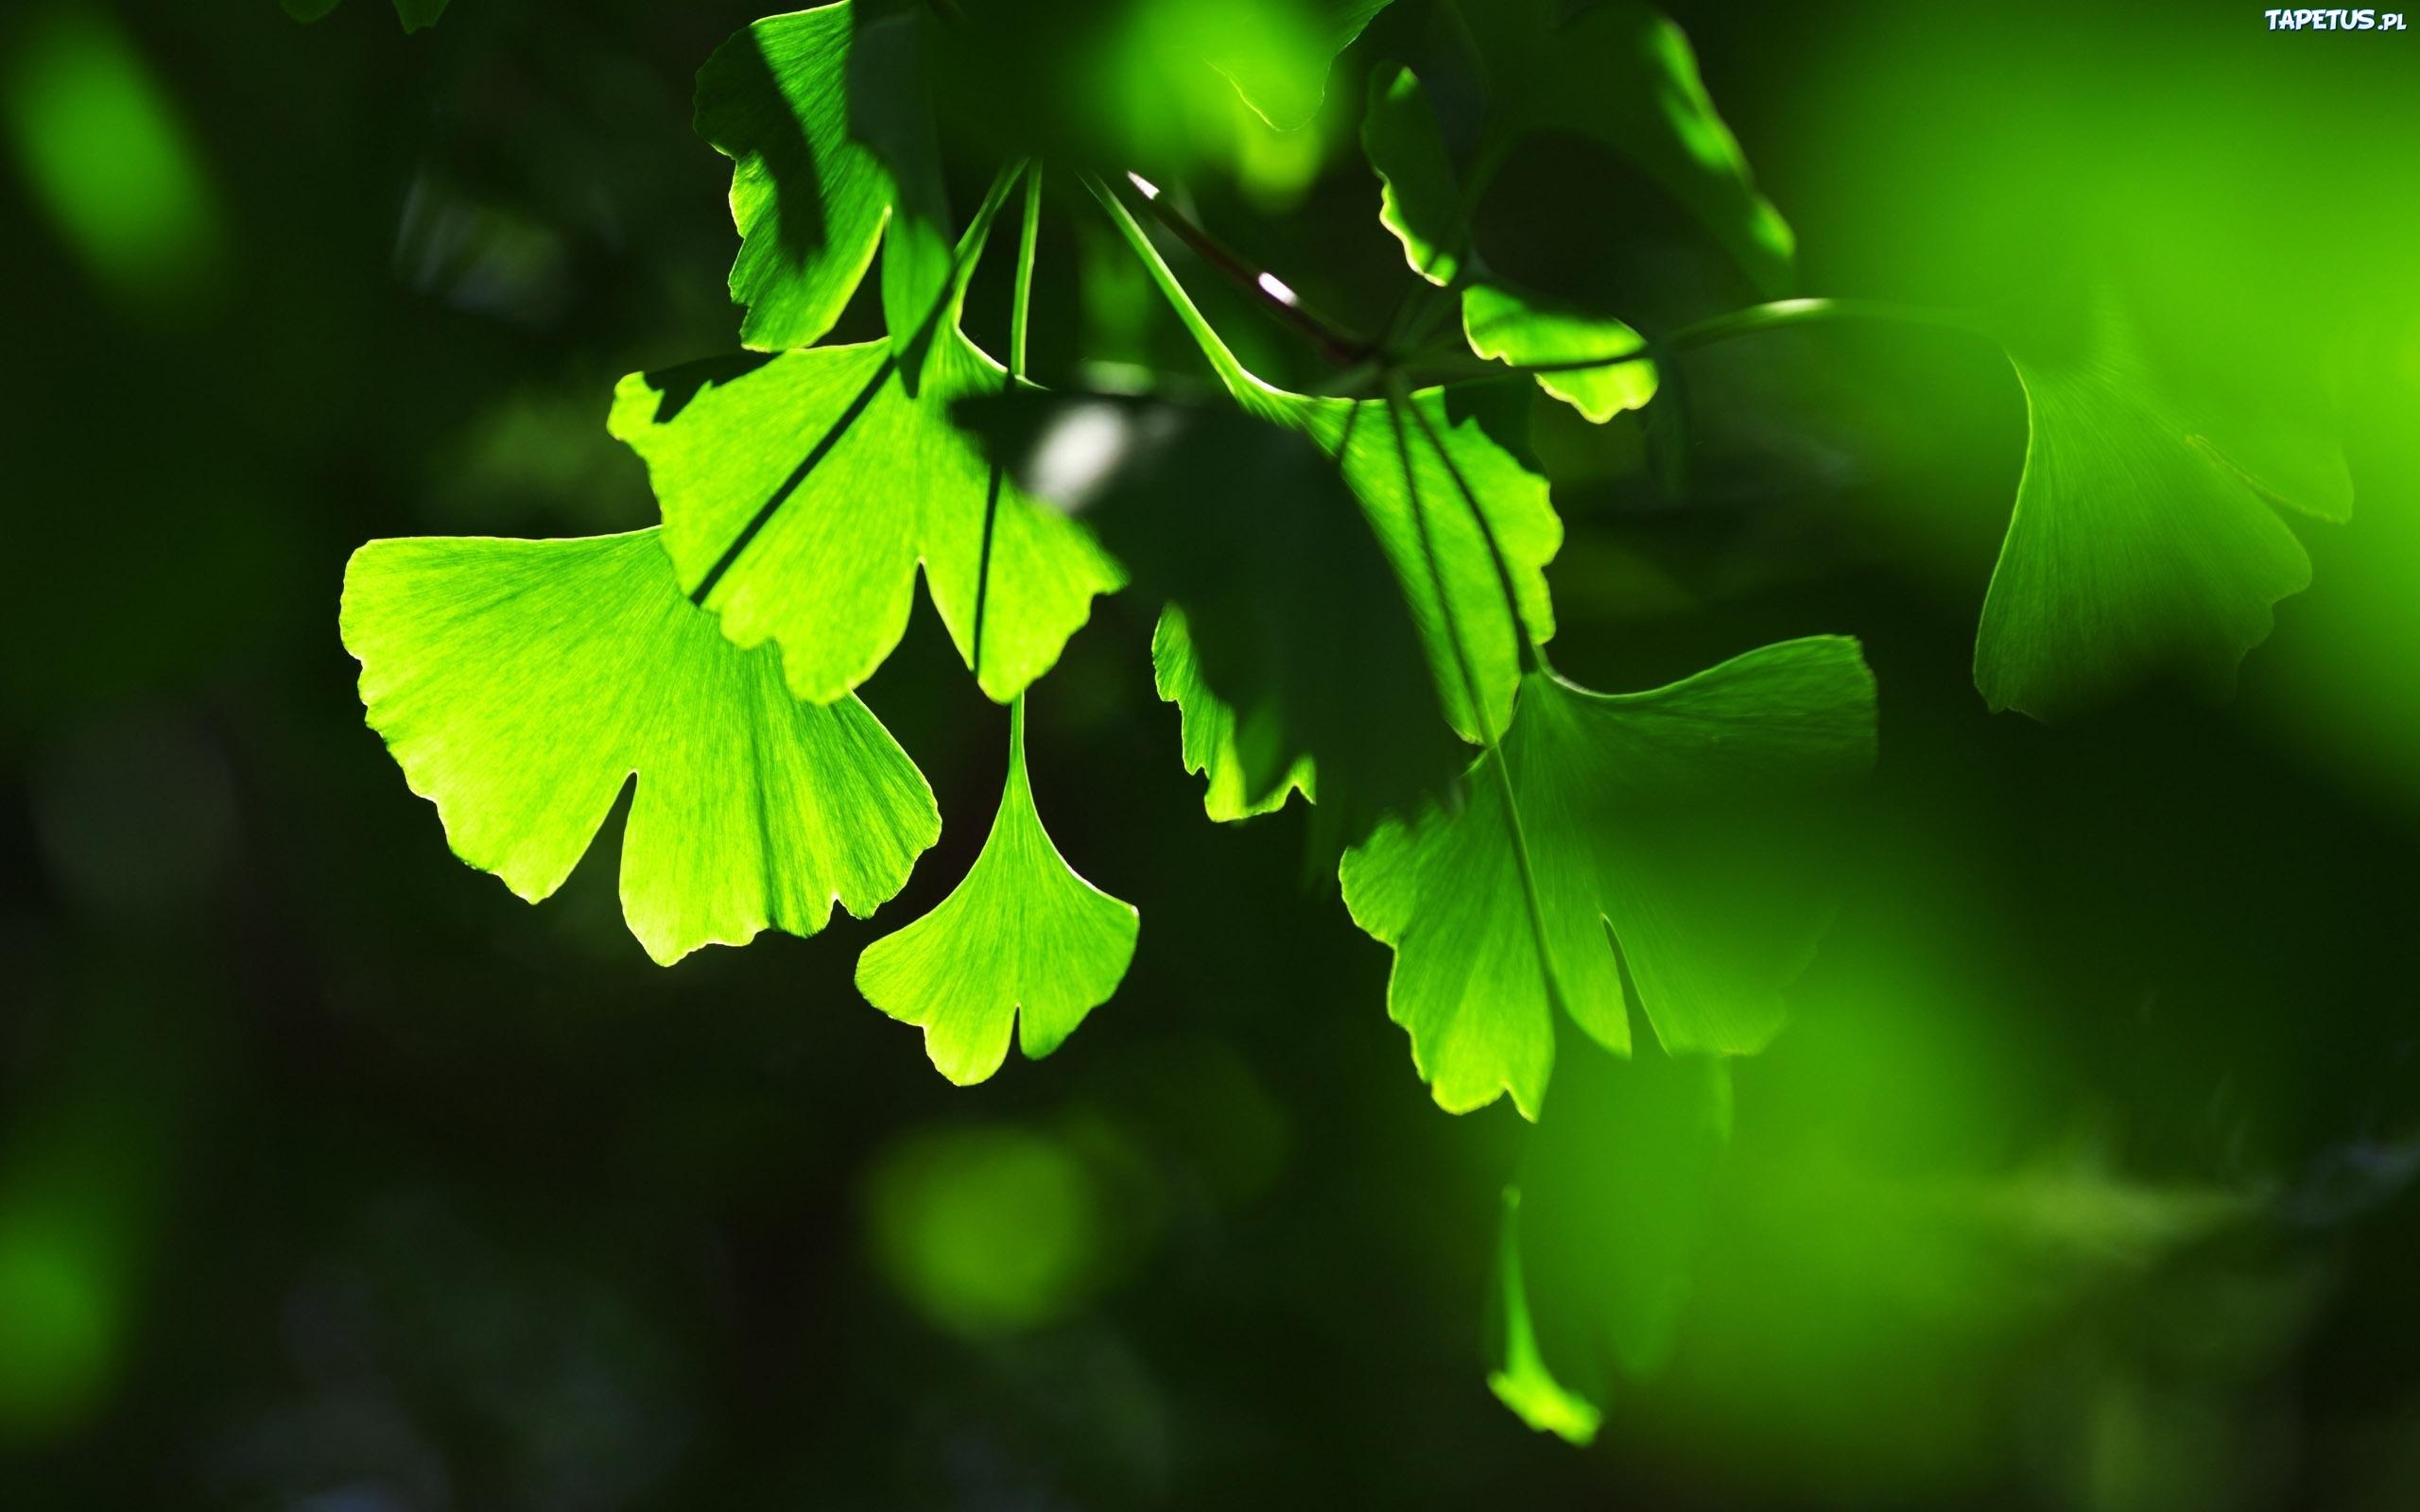 Зеленые растения в лучах солнца скачать